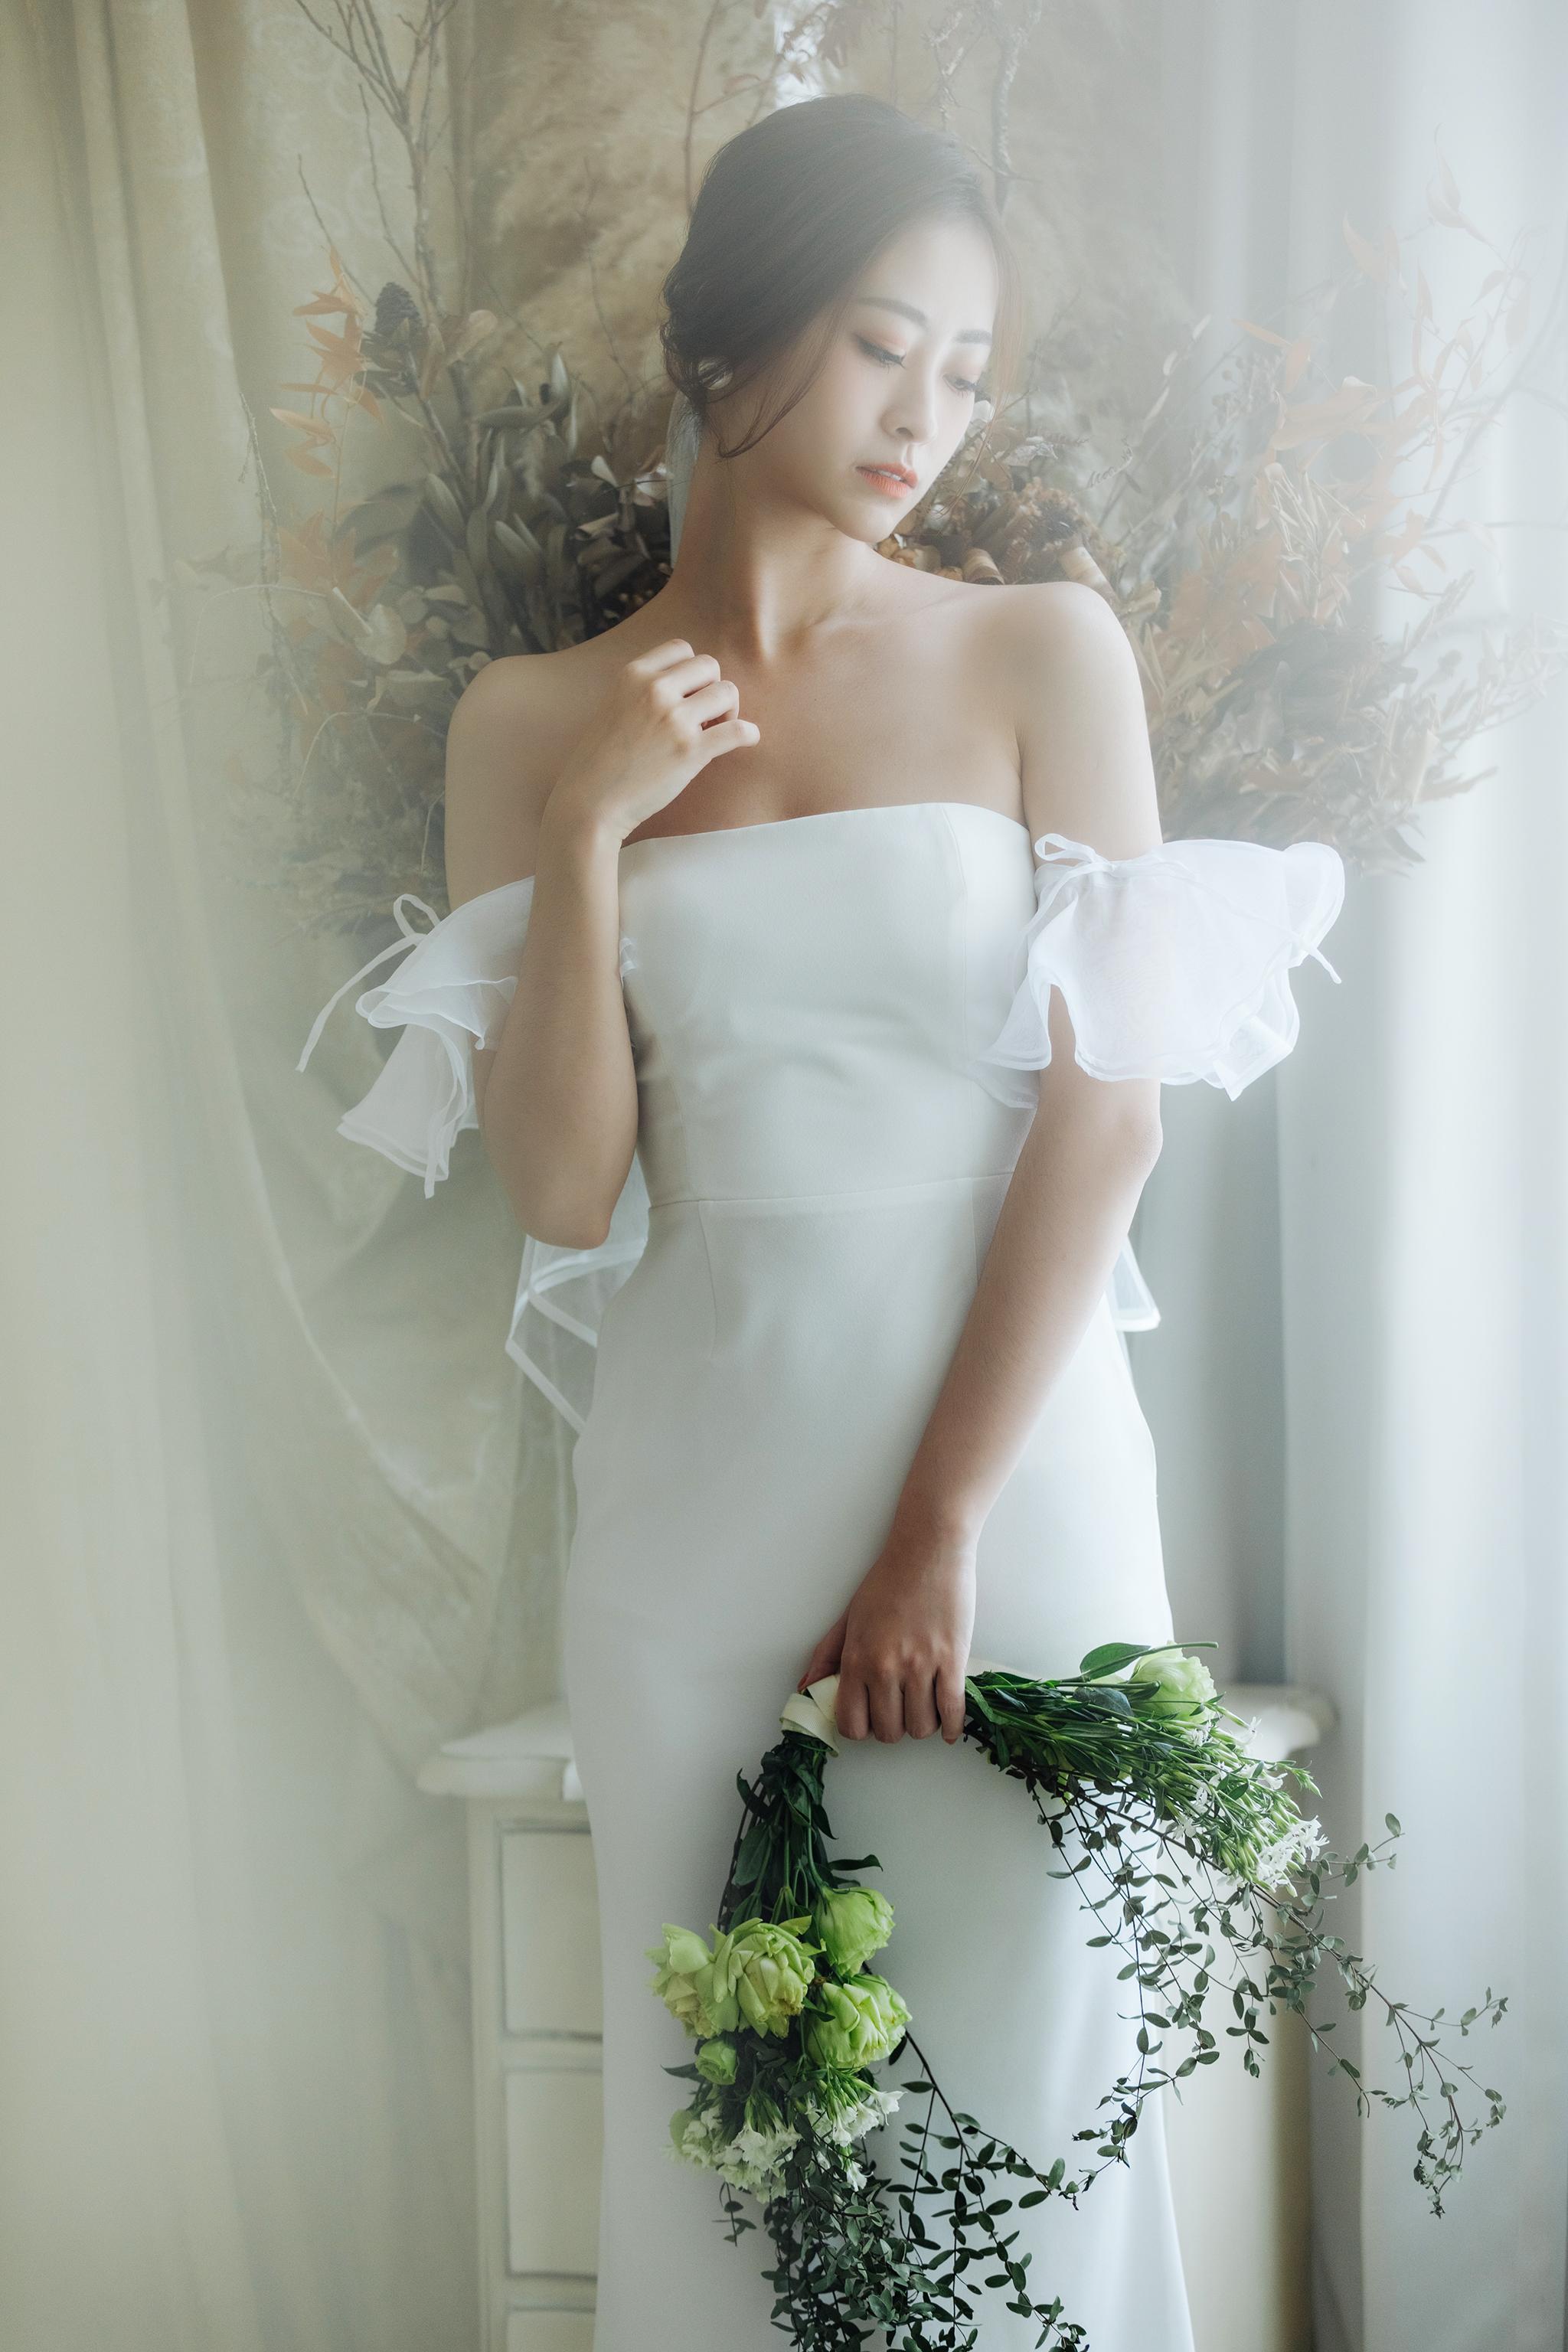 49929556522 ac8fc97b89 o - 【閨蜜婚紗】+Jessy & Tiffany+